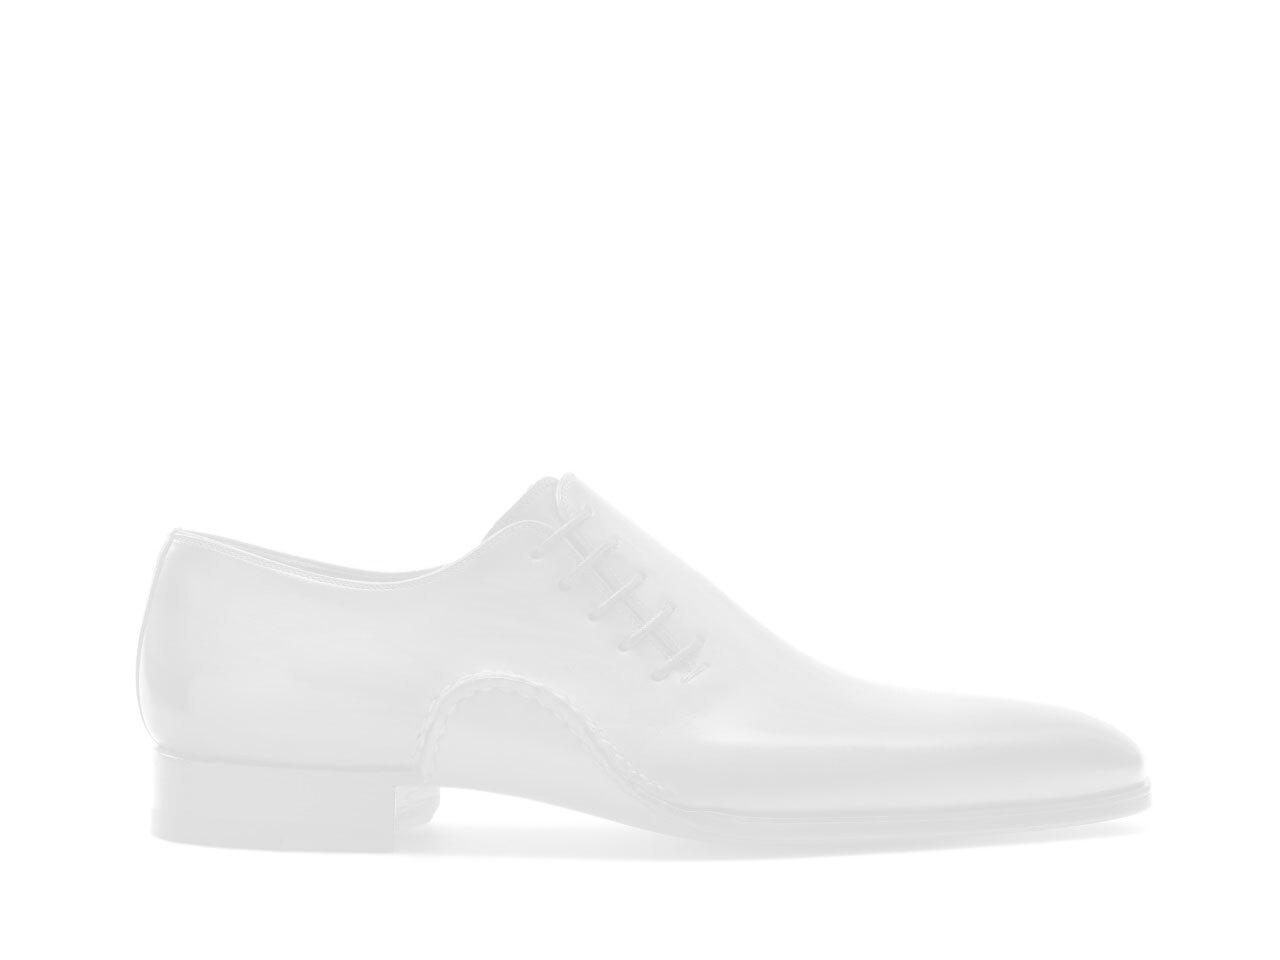 Sole of the Magnanni Coripe Cuero Men's Penny Loafers